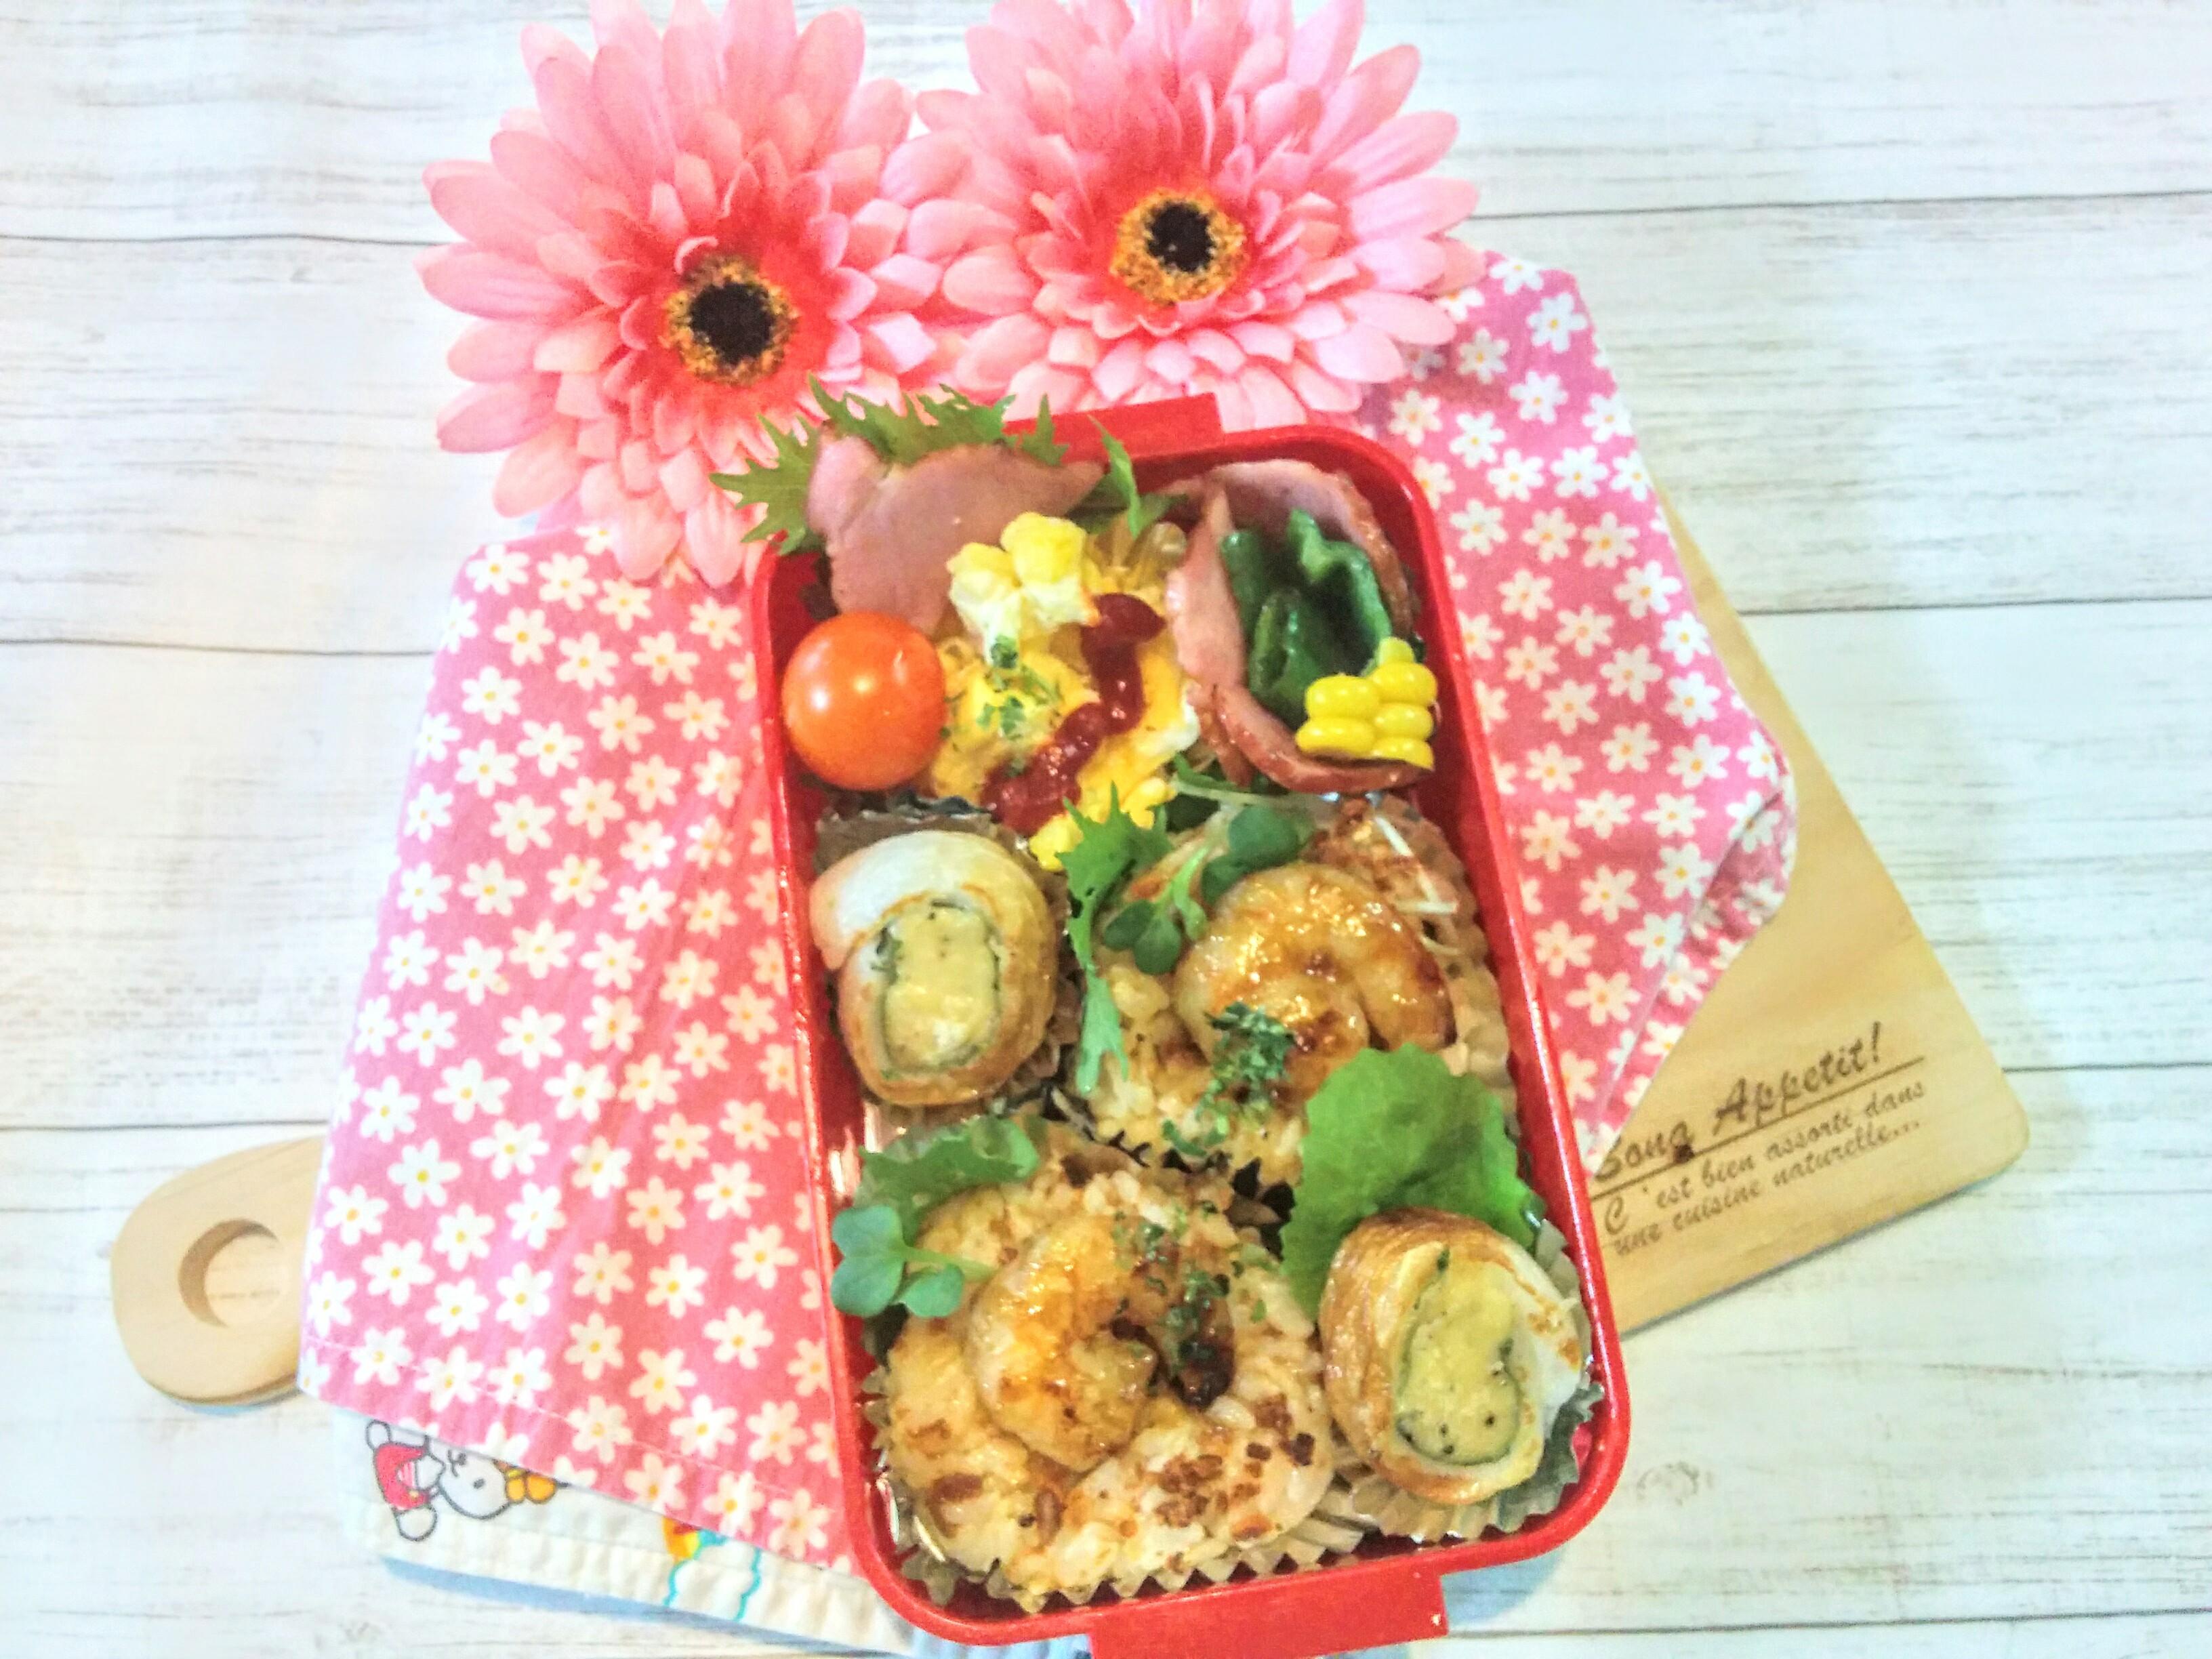 【小樽】娘の今日のお弁当・ラー油とりそぼろ焼きお握り弁当グルメ案内です。